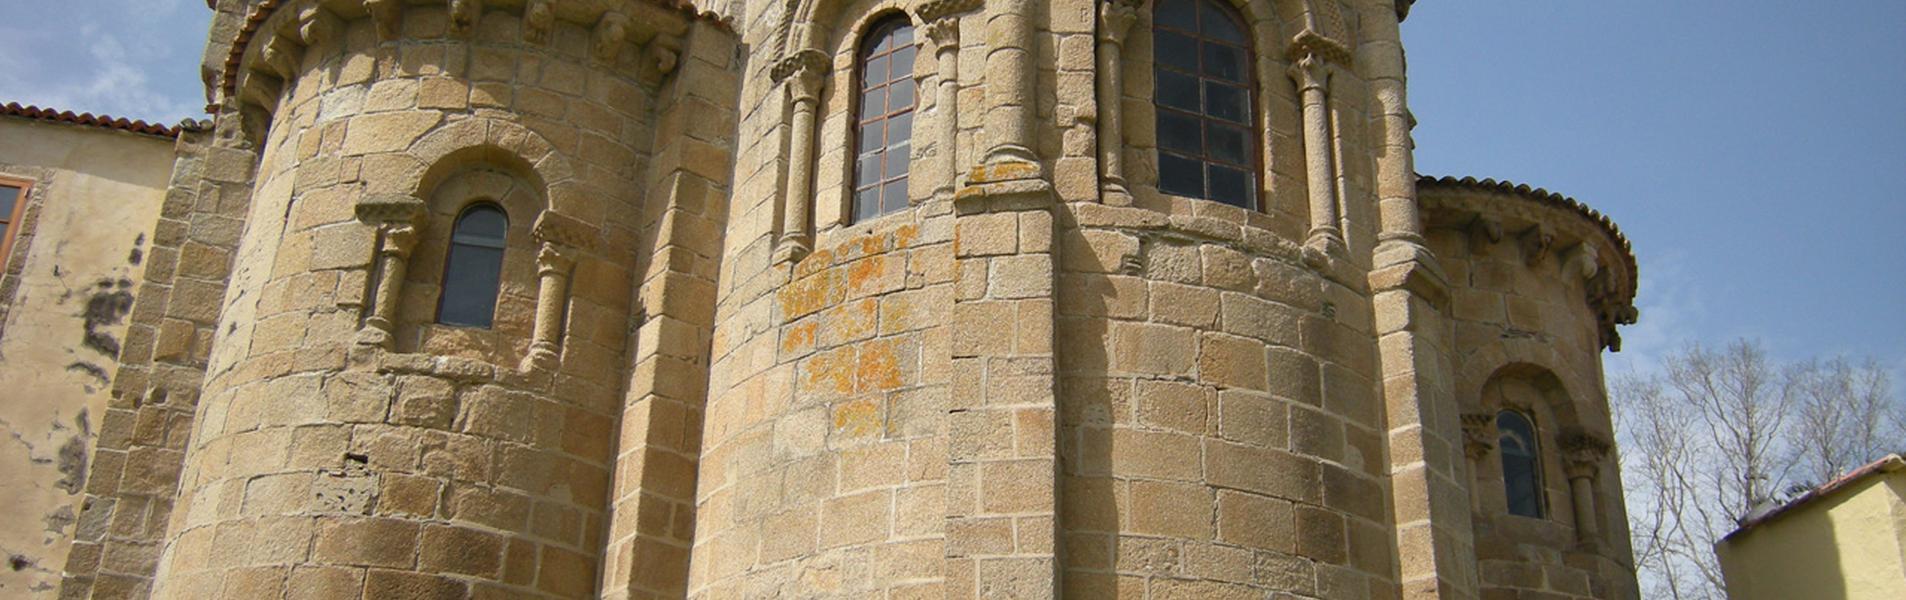 Monasterio del Couto